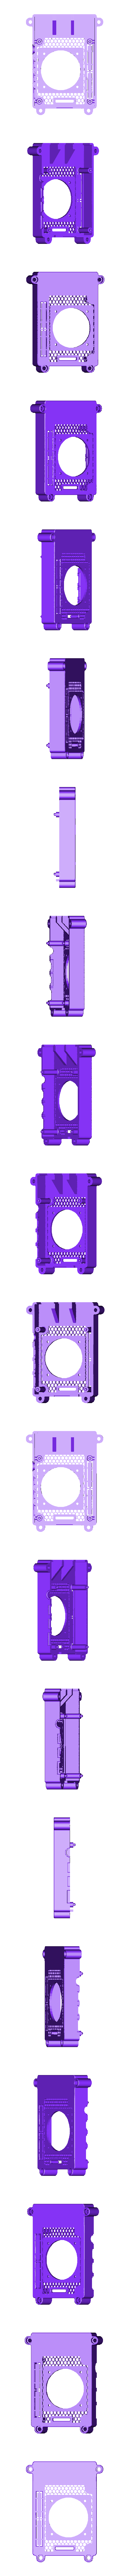 FULL_40MM_SLOTTED.STL Télécharger fichier STL gratuit Étui Pi 4B Framboise Framboise • Objet pour imprimante 3D, mkellsy